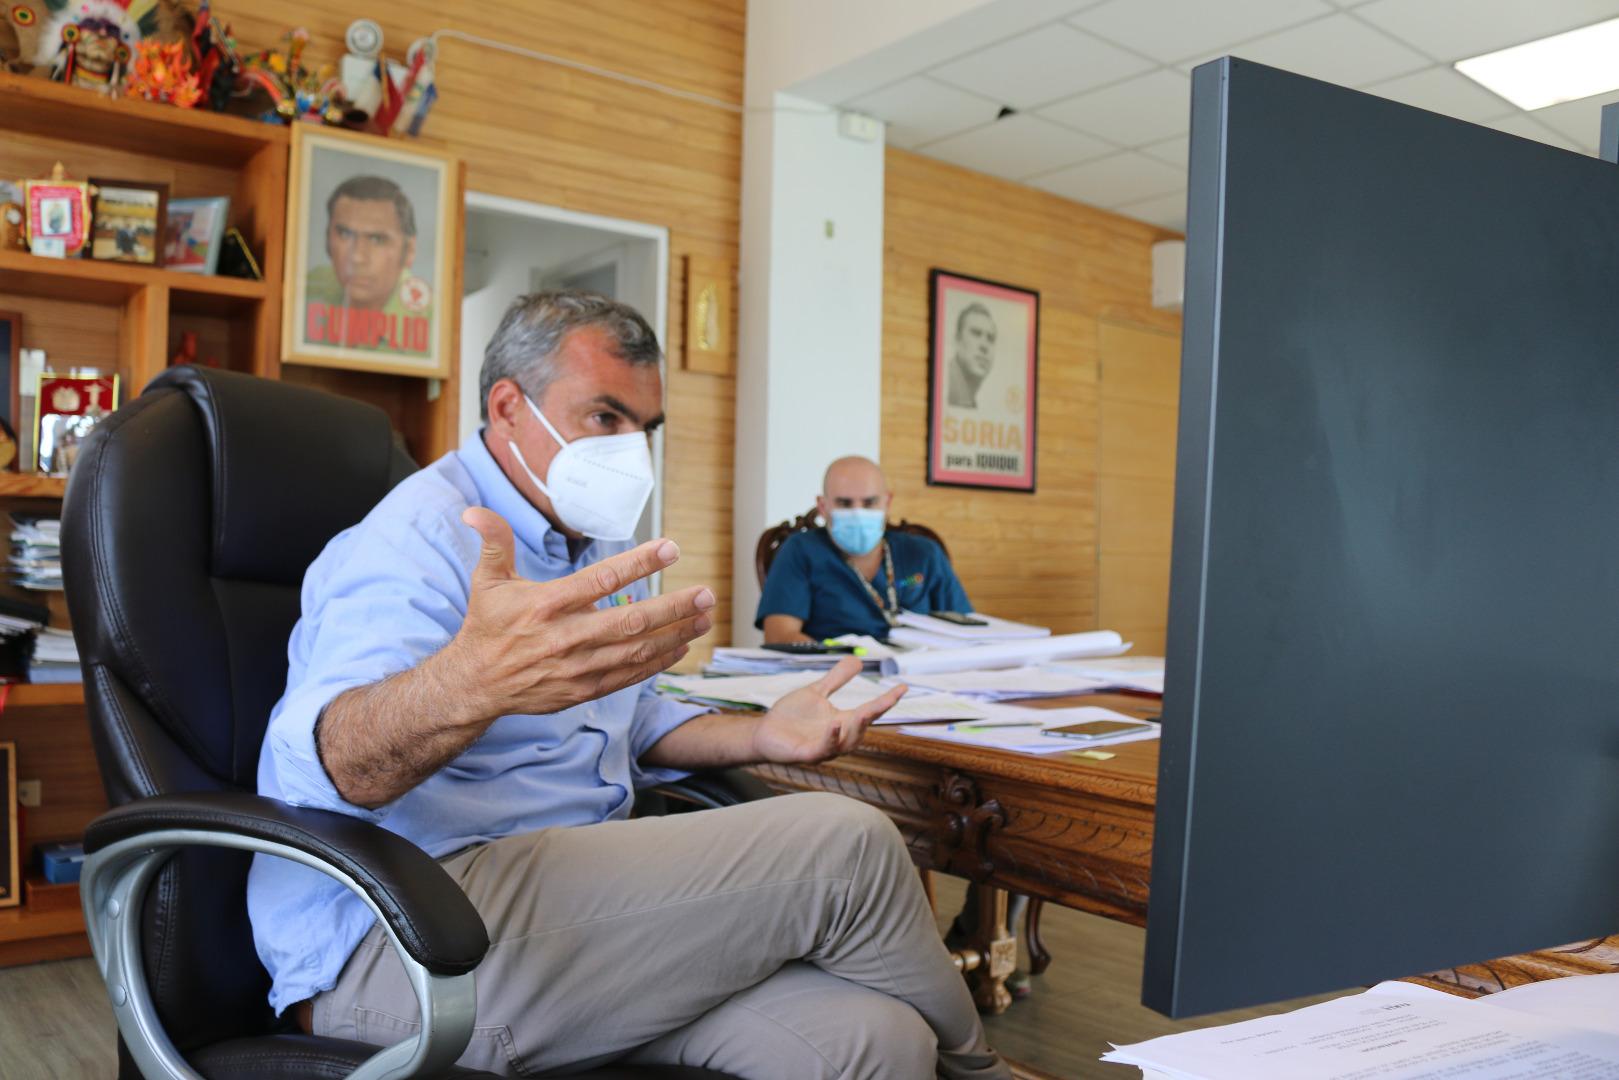 Alcalde Soria expone realidad de crisis migratoria en Tarapacá a Subsecretaria de Prevención del Delito